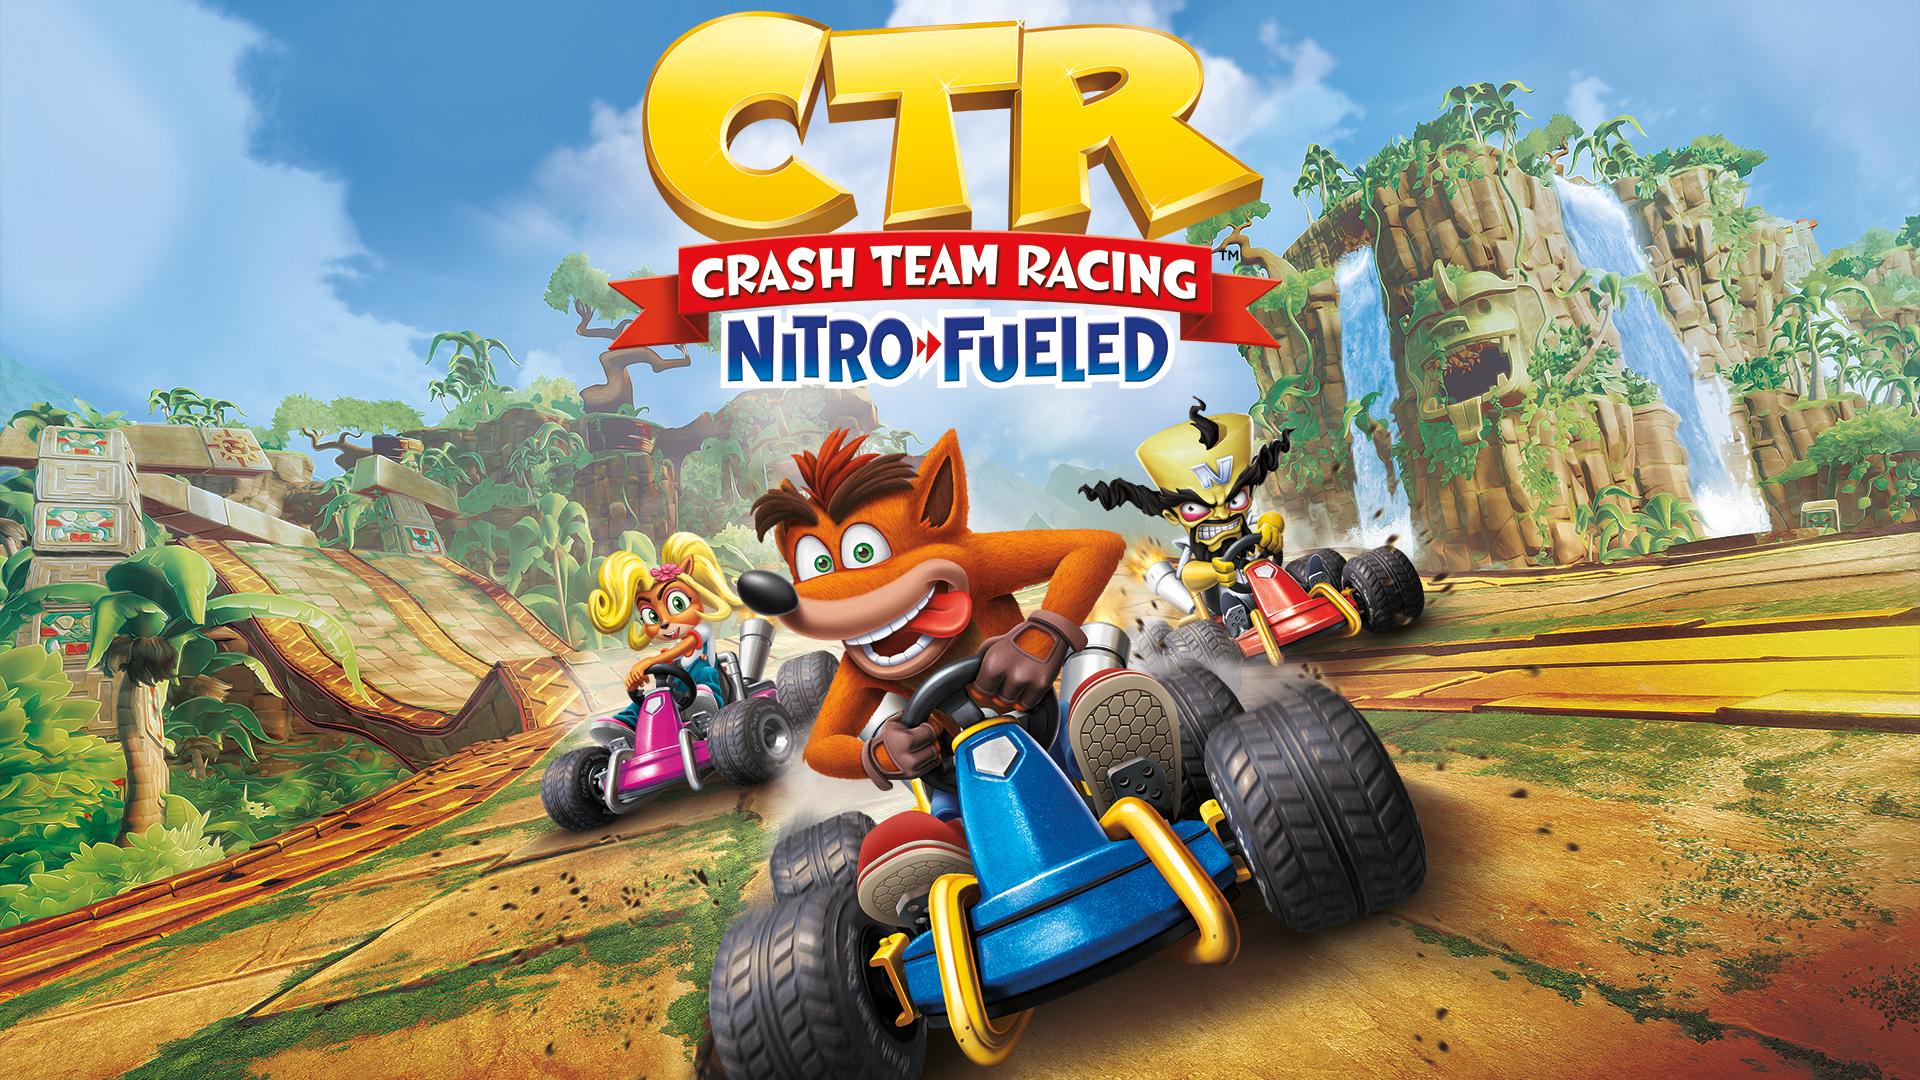 crash team racing nitro fueled listing thumb 01 ps4 us 13dec18